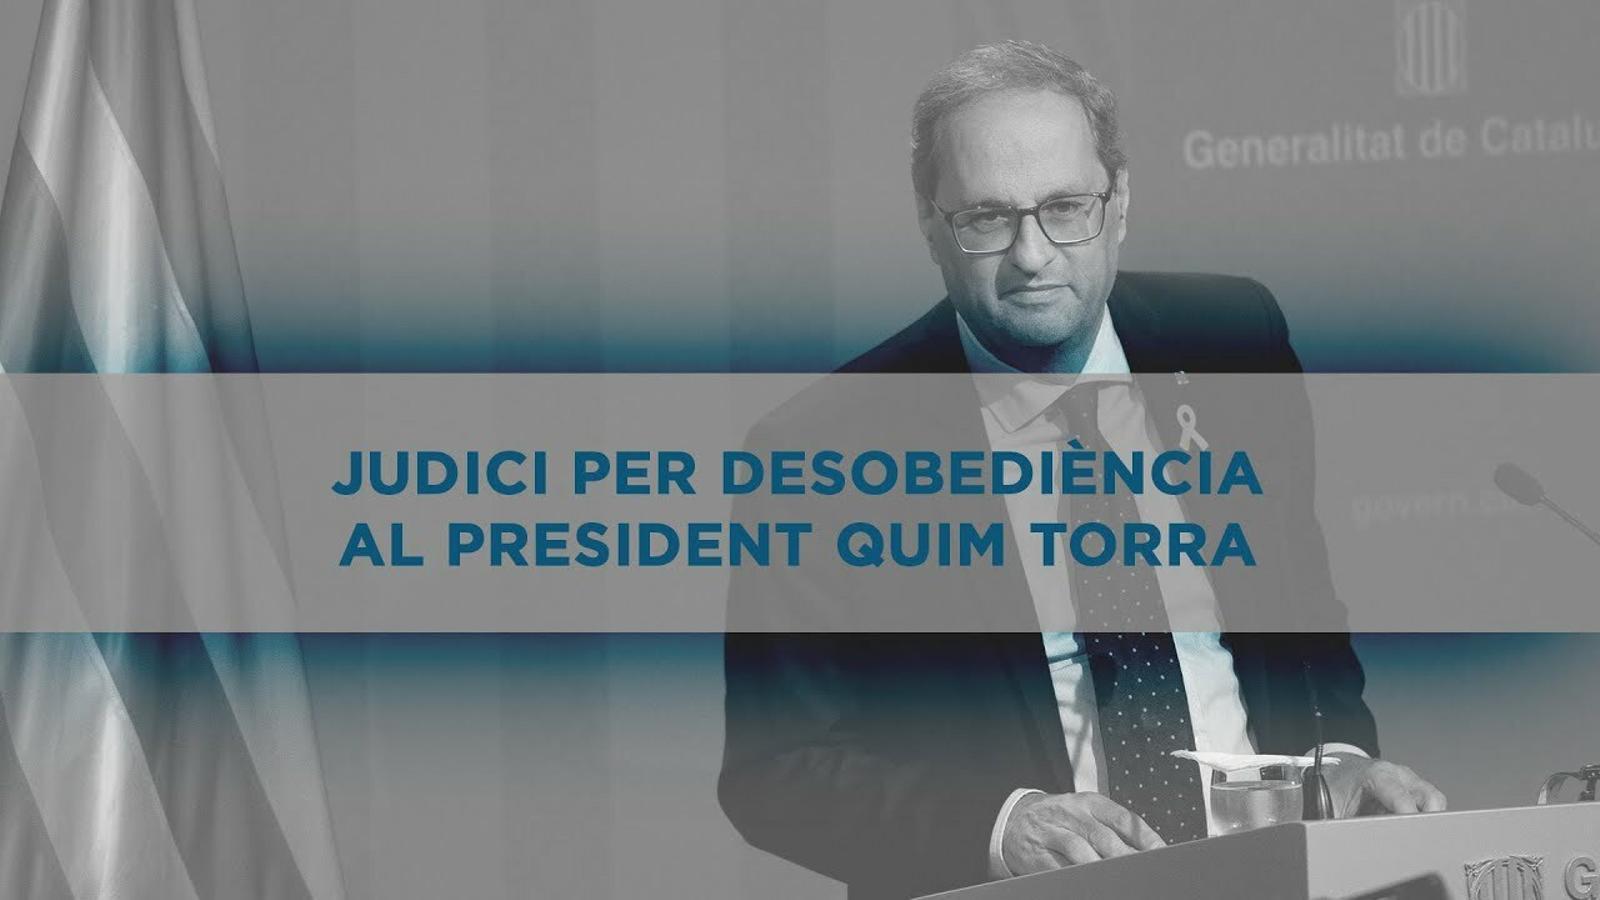 Judici per desobediència al president Quim Torra (sessió tarda)